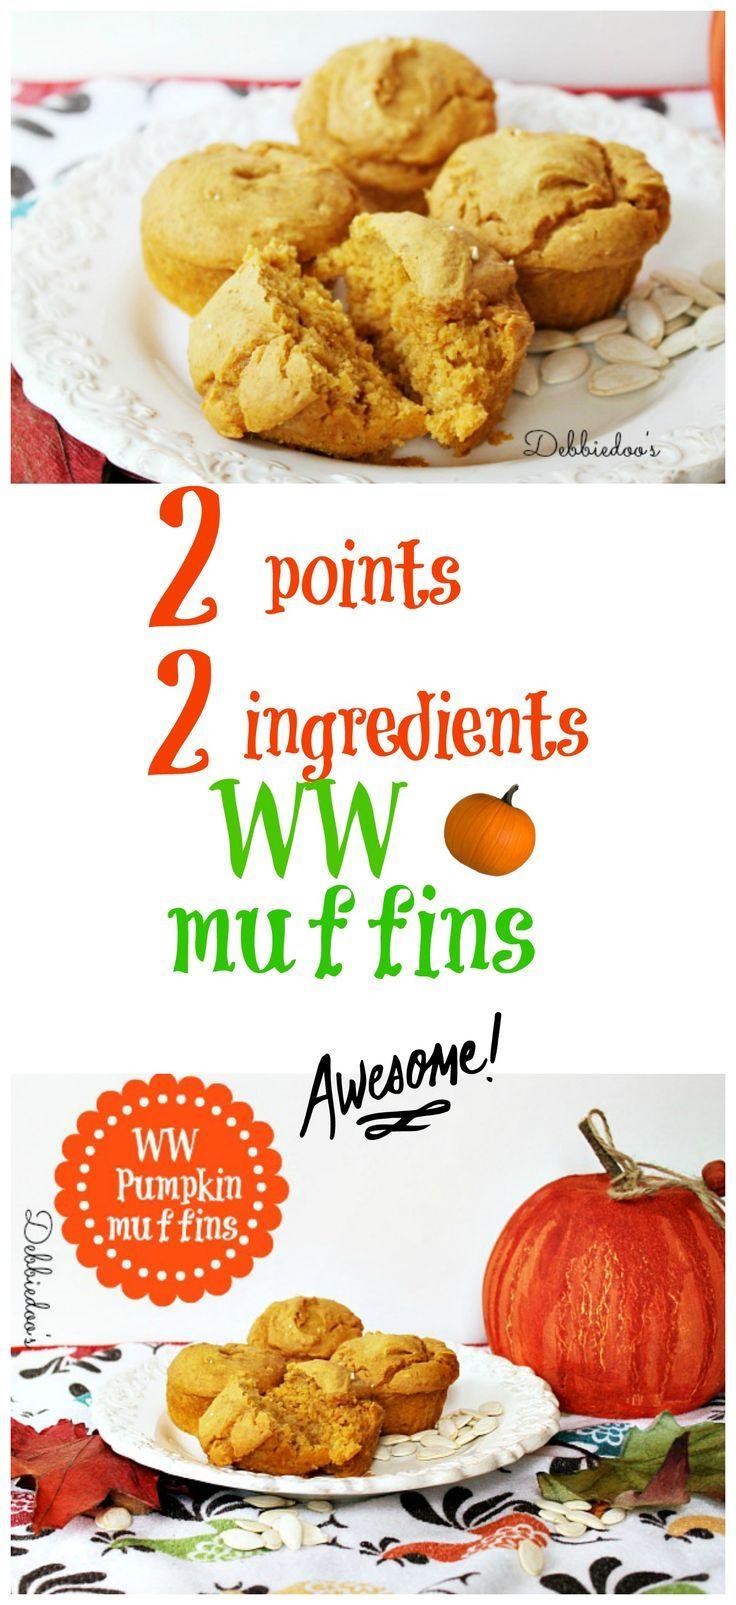 Cake Mix Pumpkin Muffins Weight Watchers Points Plus